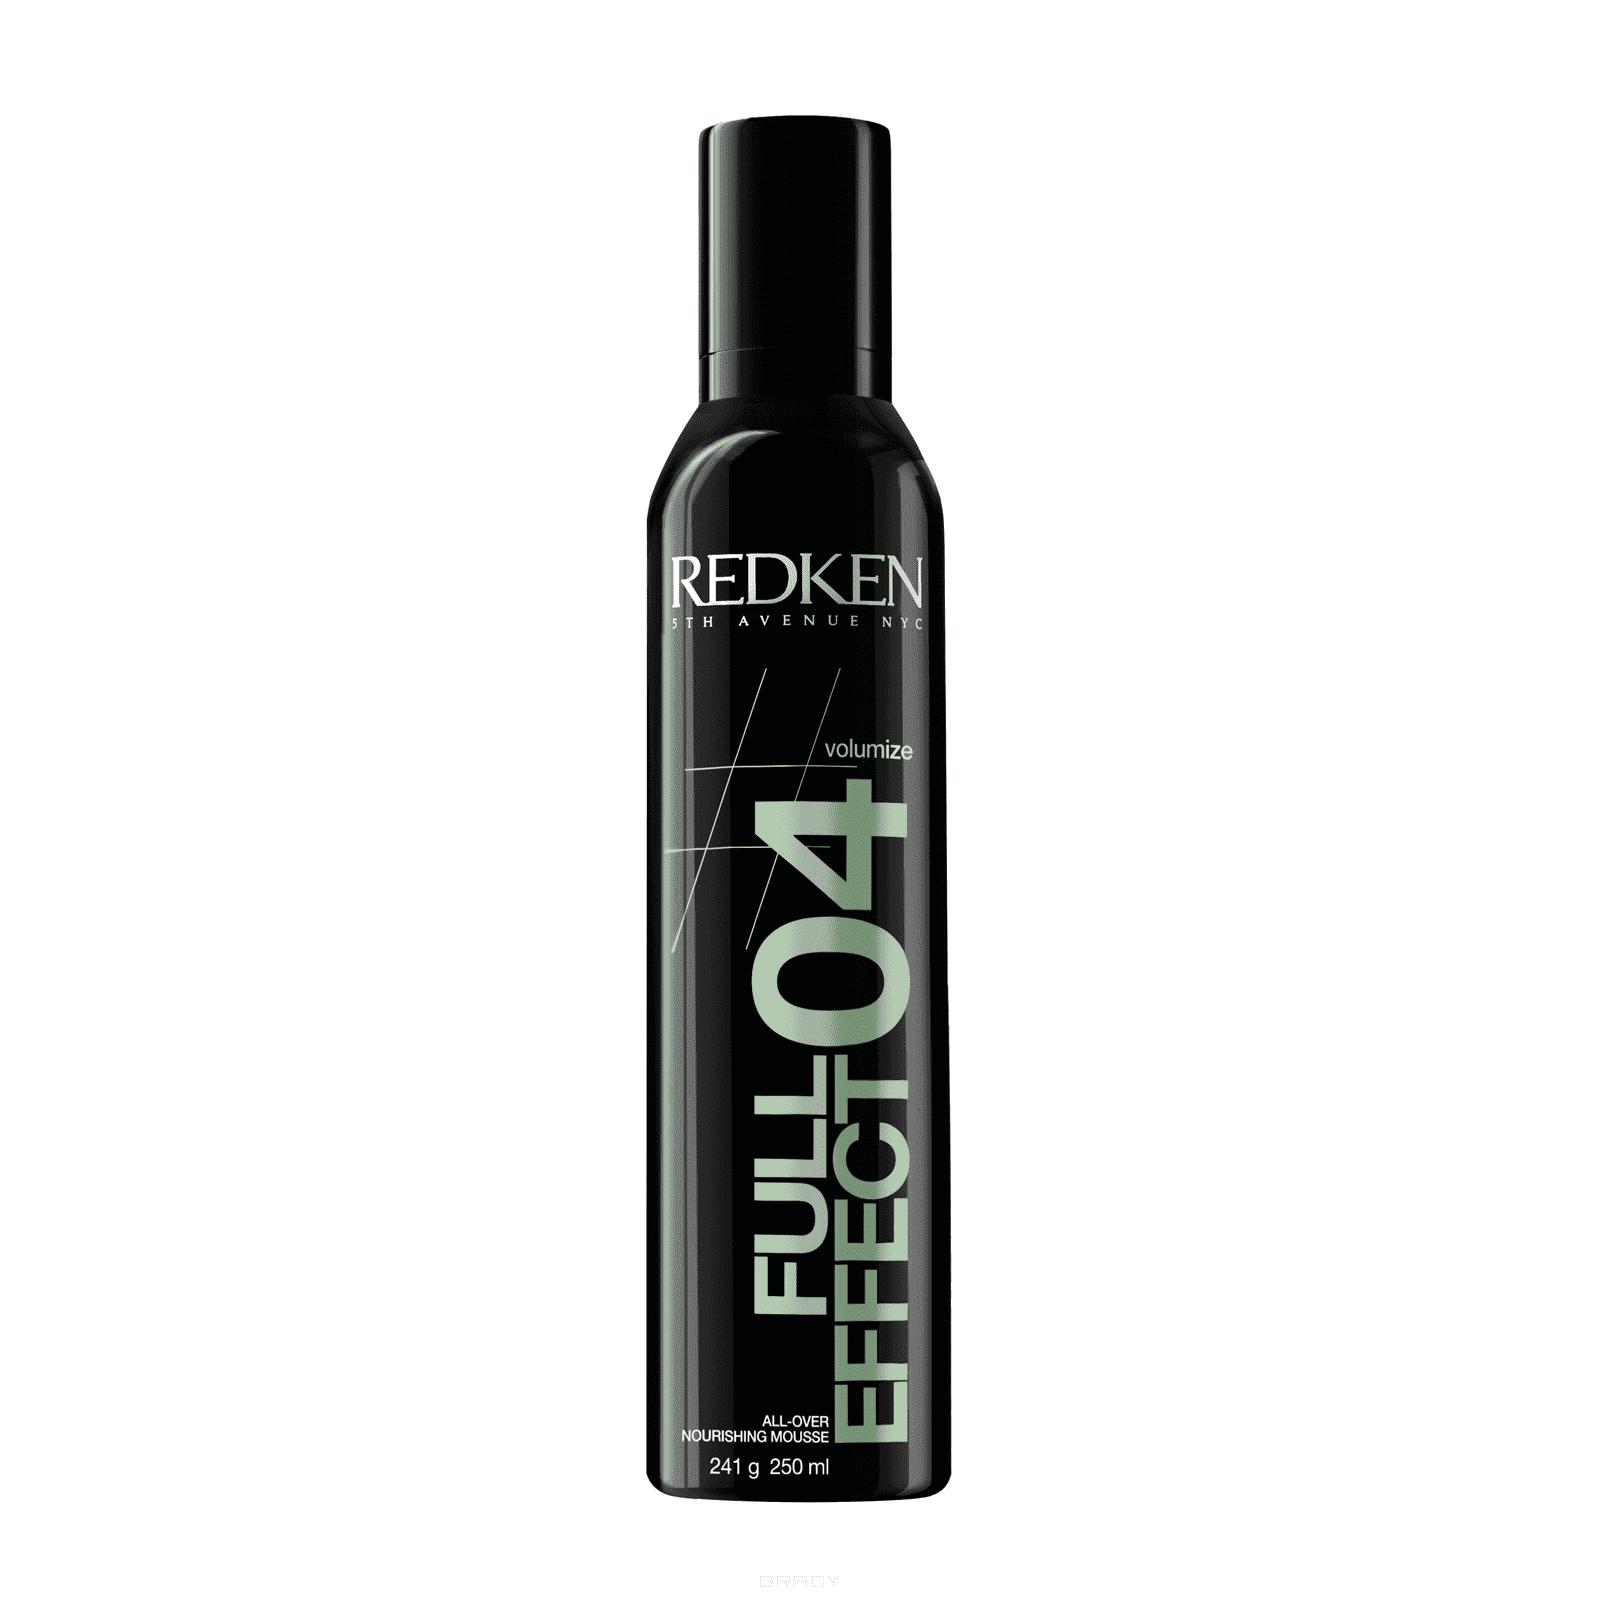 Redken Увлажняющий мусс-объем для волос Full Effect 04, 250 мл мусс объем full effect 04 redken